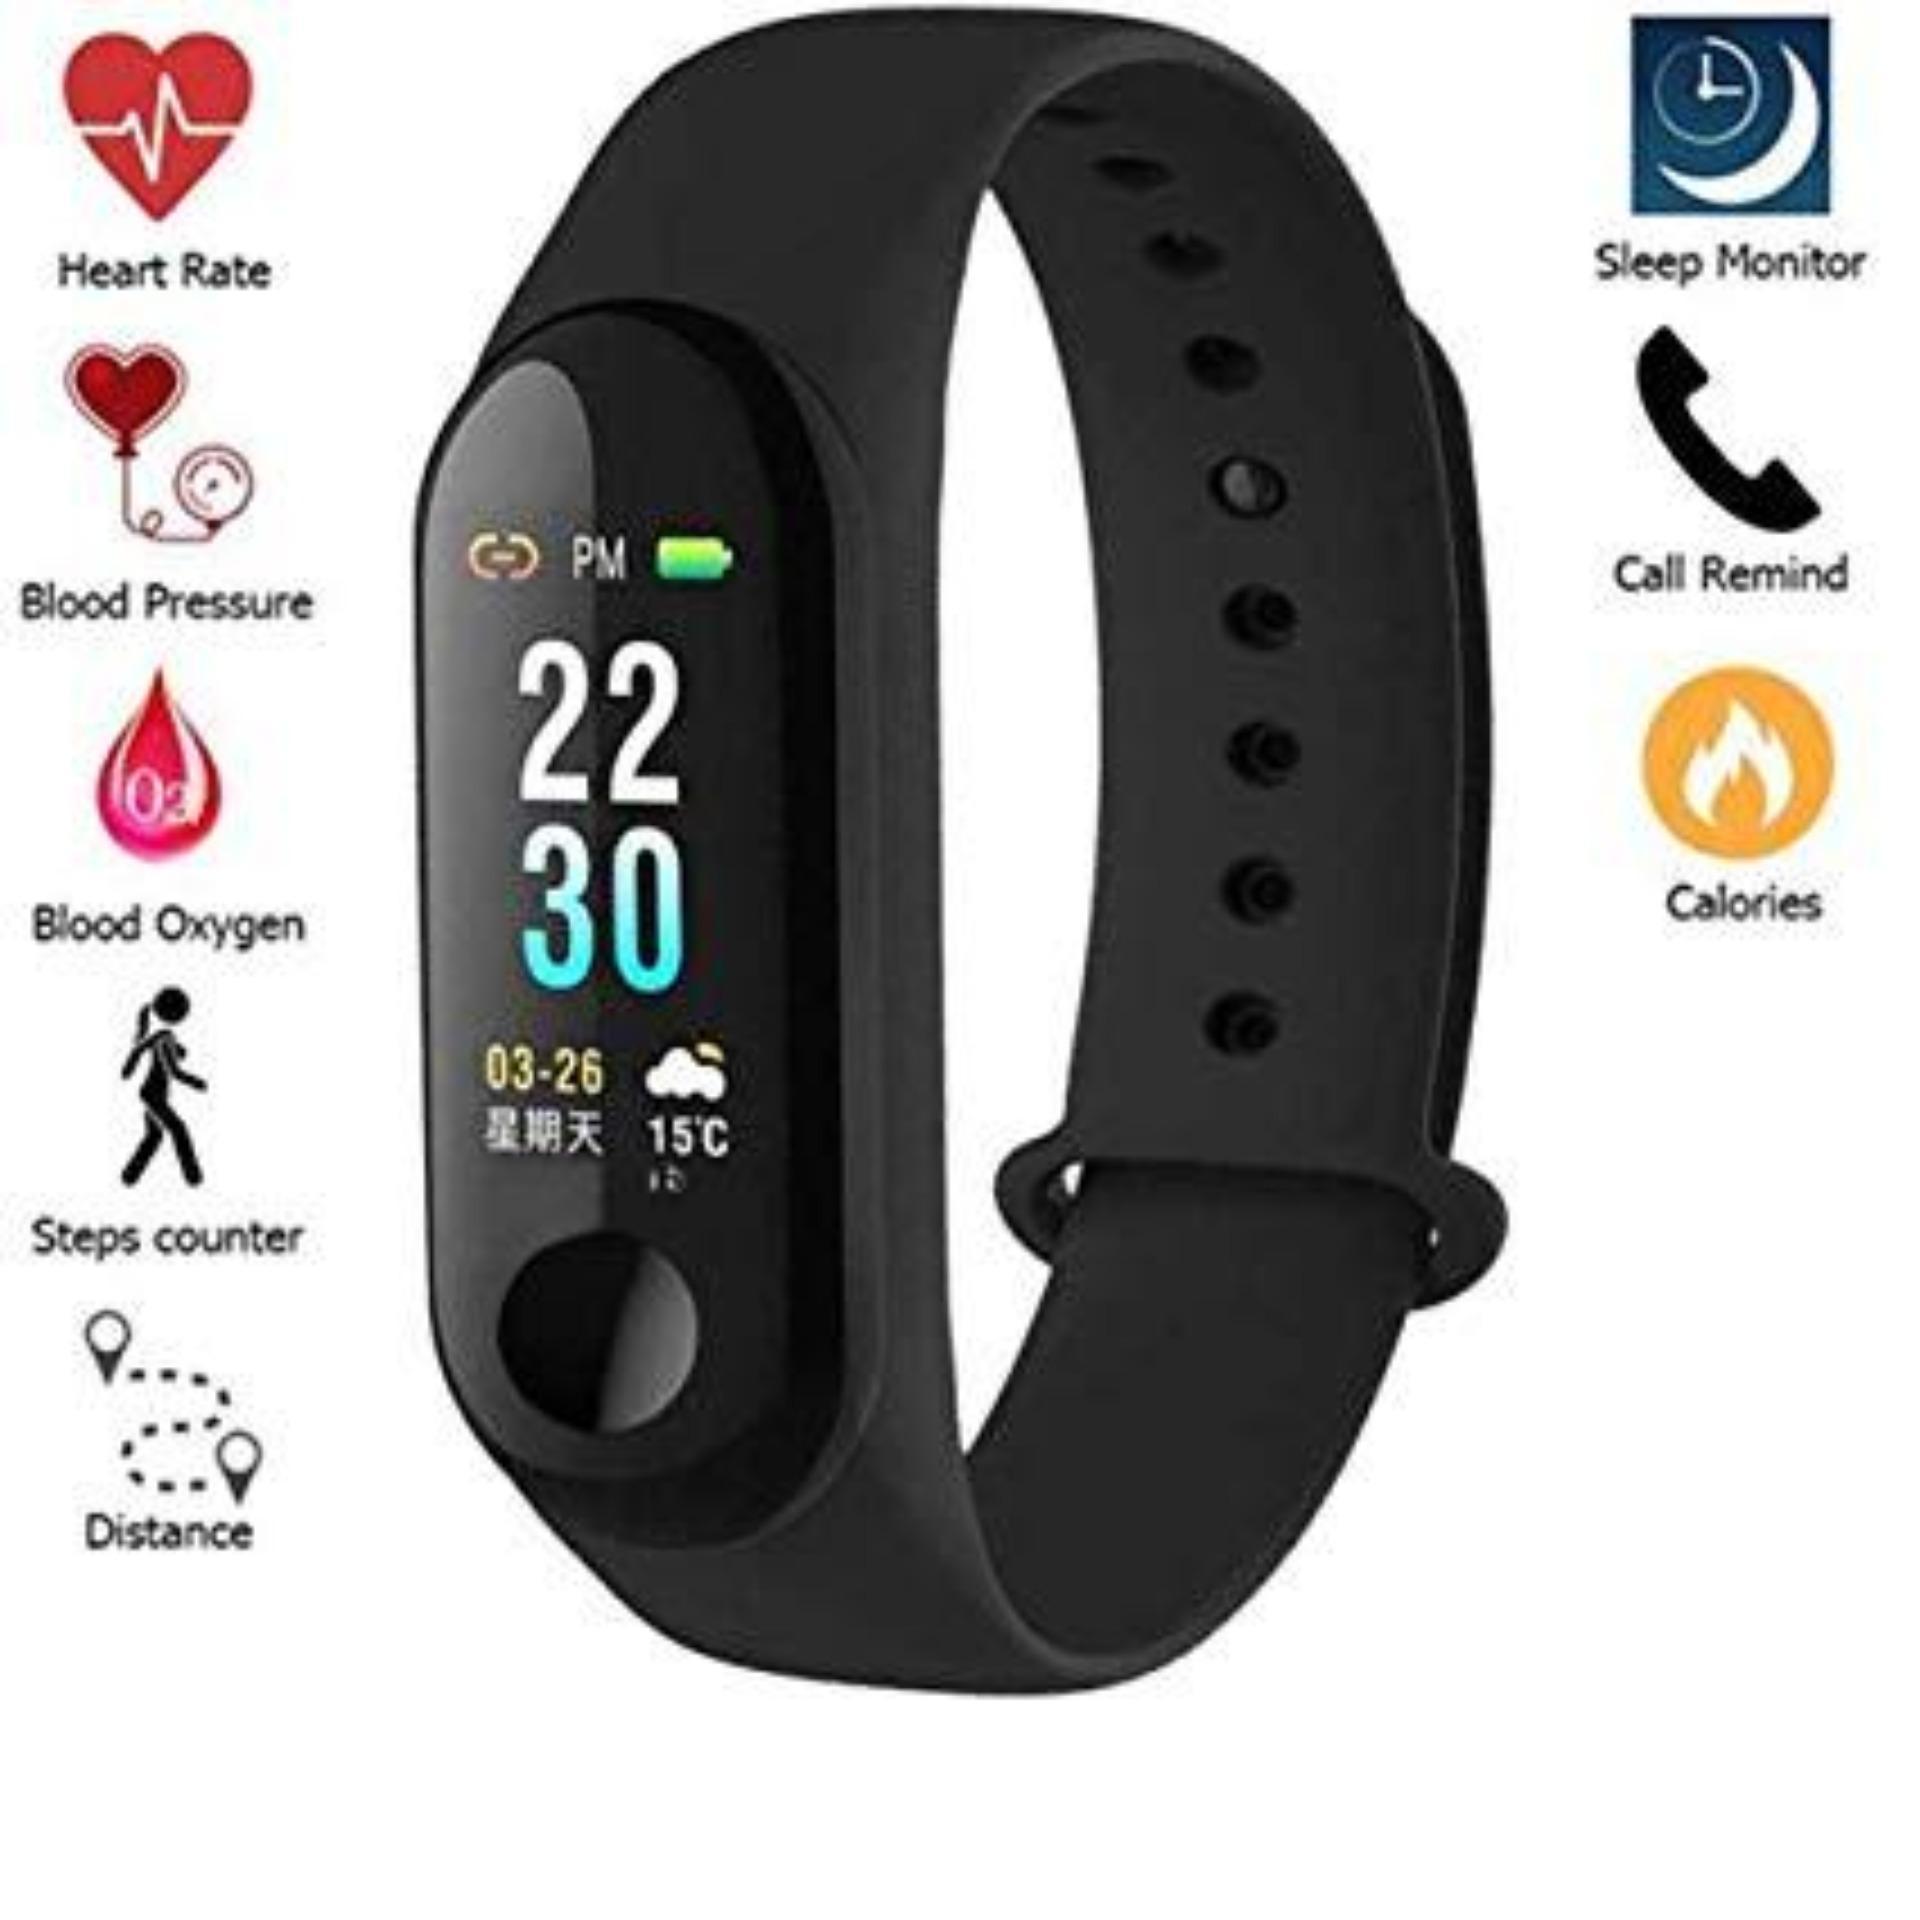 M3 Smart Fitness Band, Fitness Band, Wrist Watch, Smart Band, Smart Watch,  Fitness Watch, Watch-Black